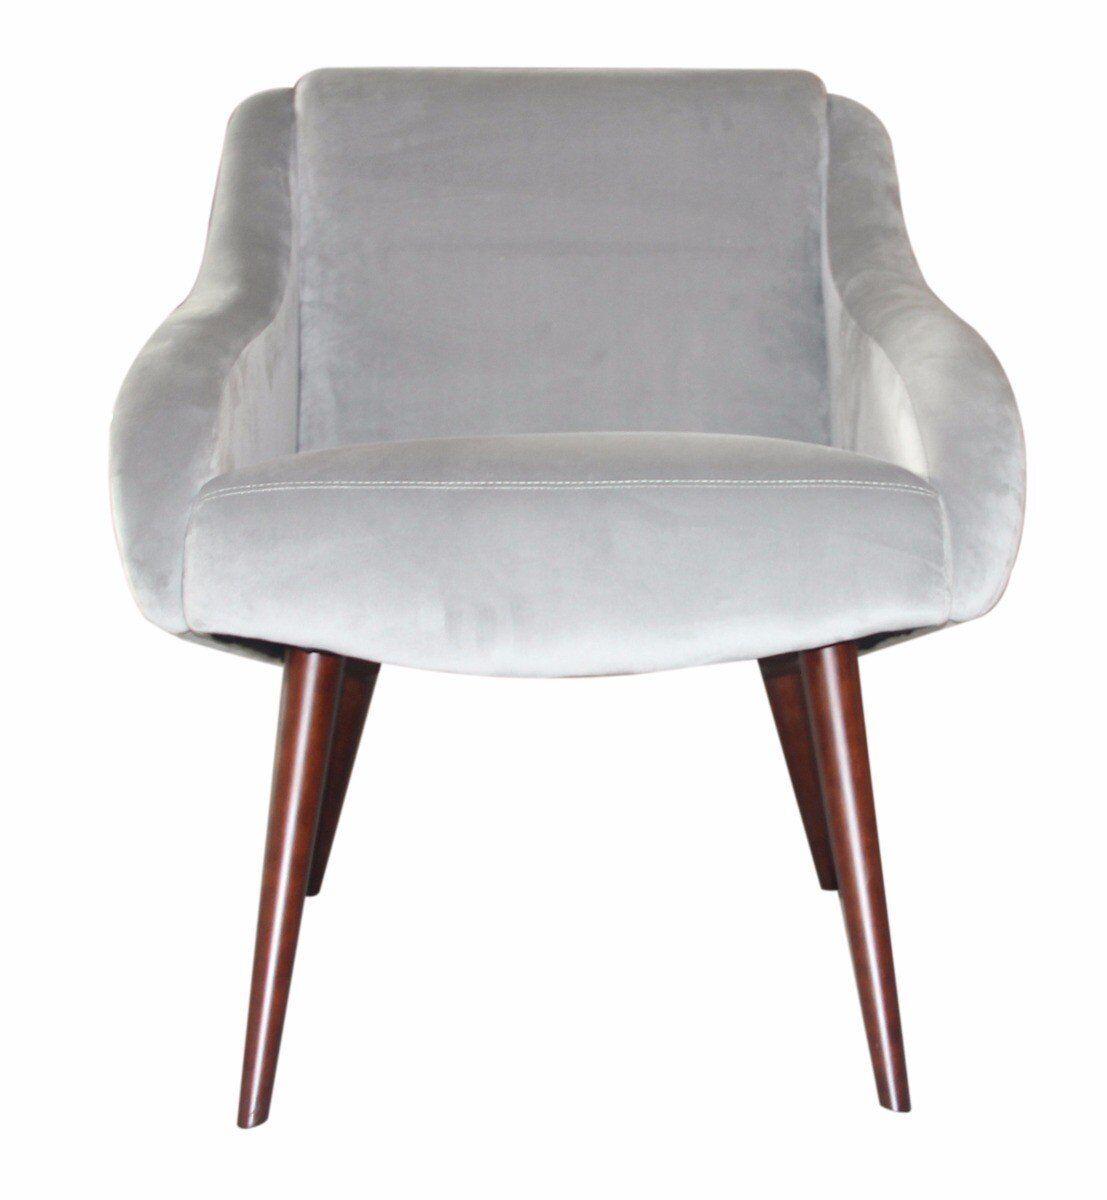 Krzesło Kiton 67x75x77cm